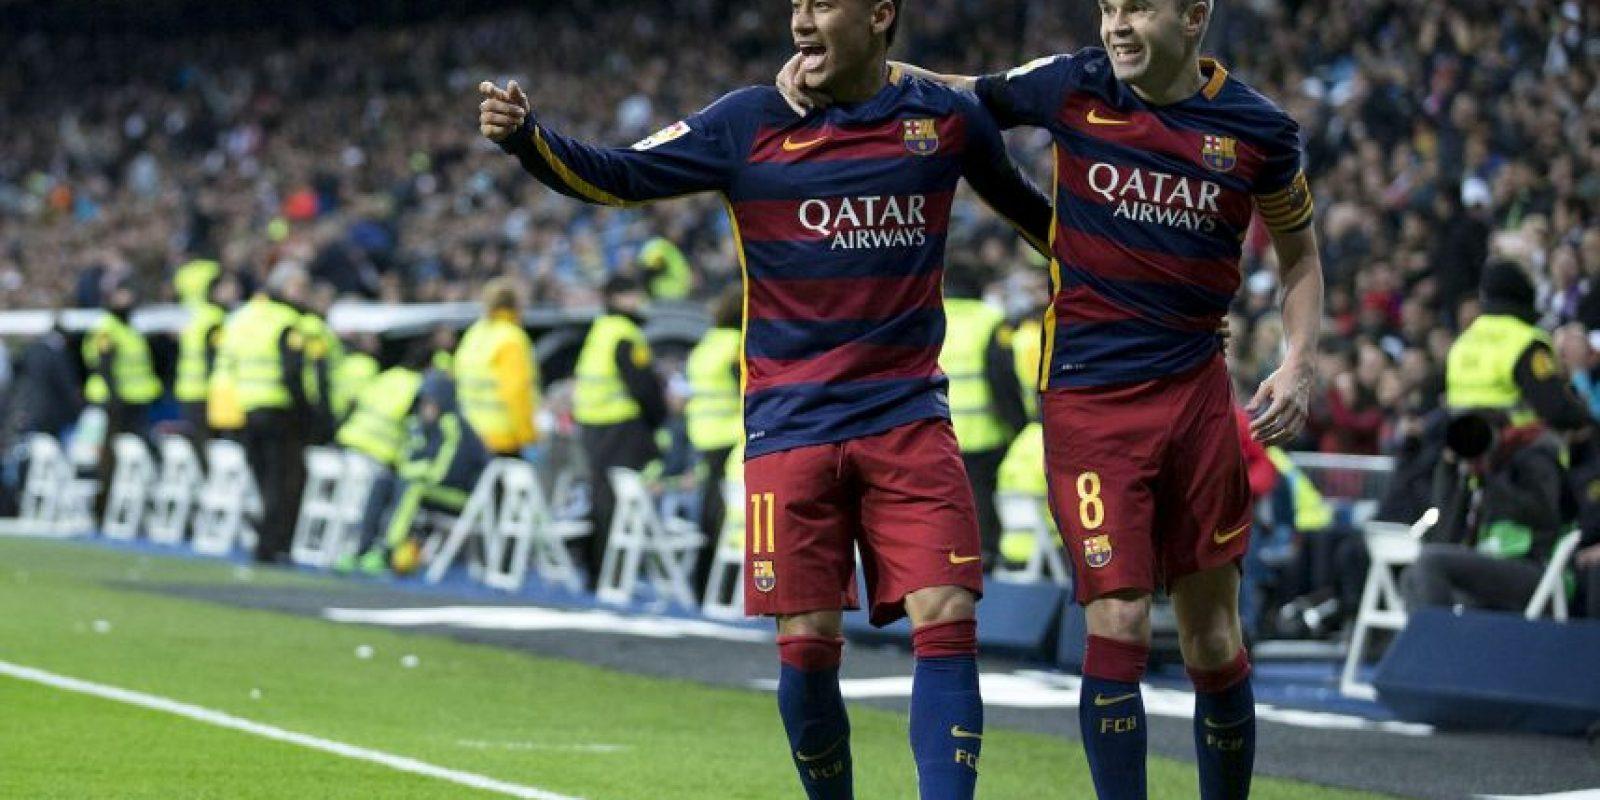 Neymar anotó la segunda diana y puso una gran asistencia para el tanto de Andrés Iniesta Foto:Getty Images